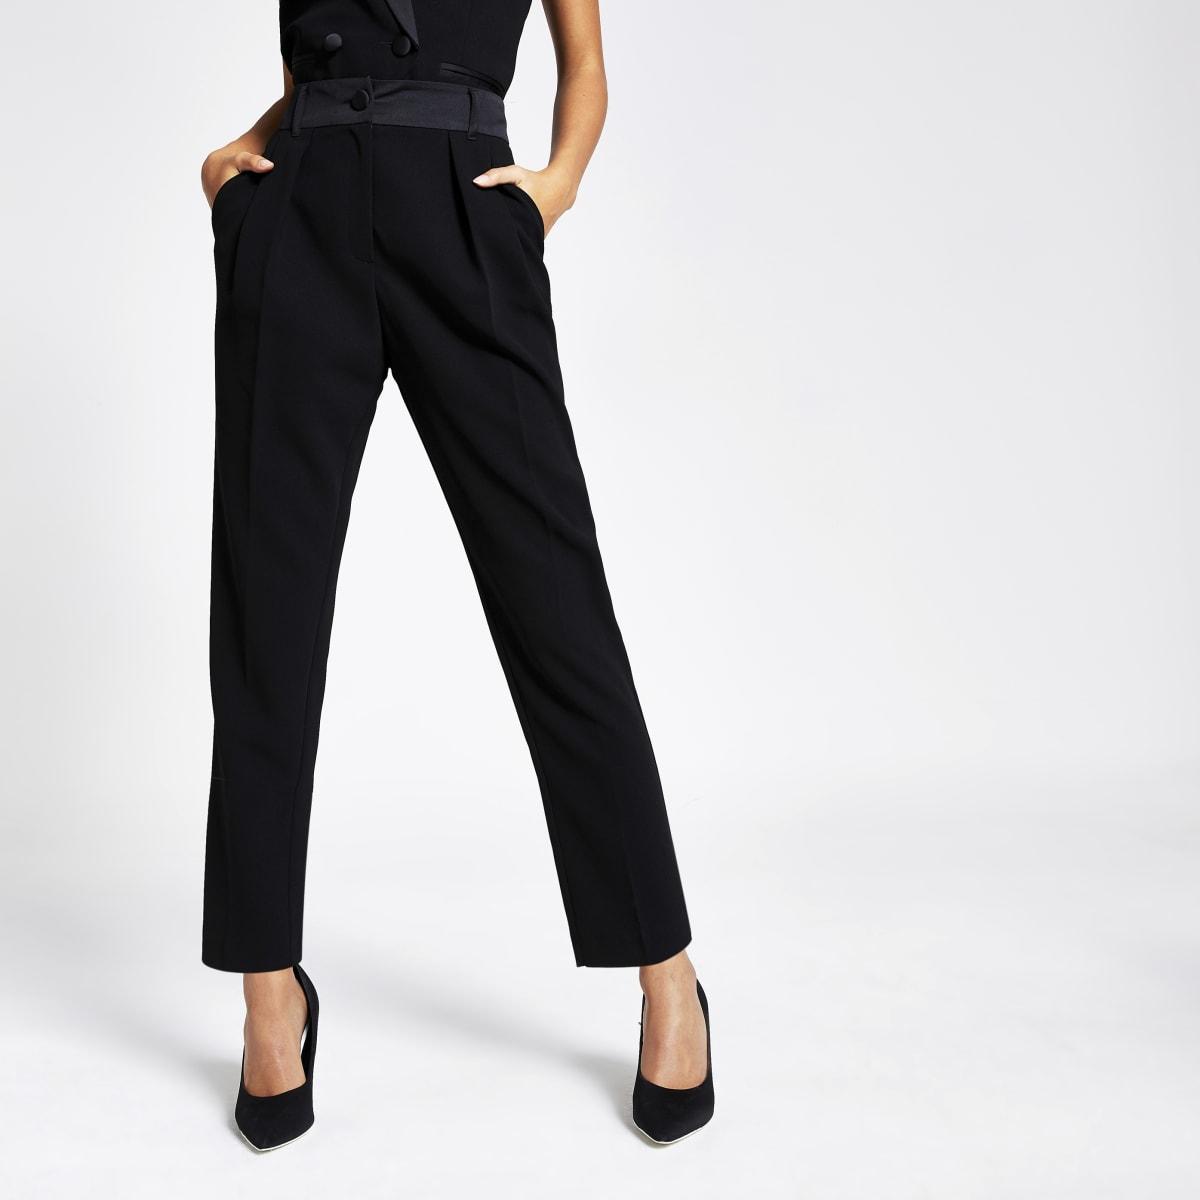 Zwarte smaltoelopende smokingbroek met hoge taille